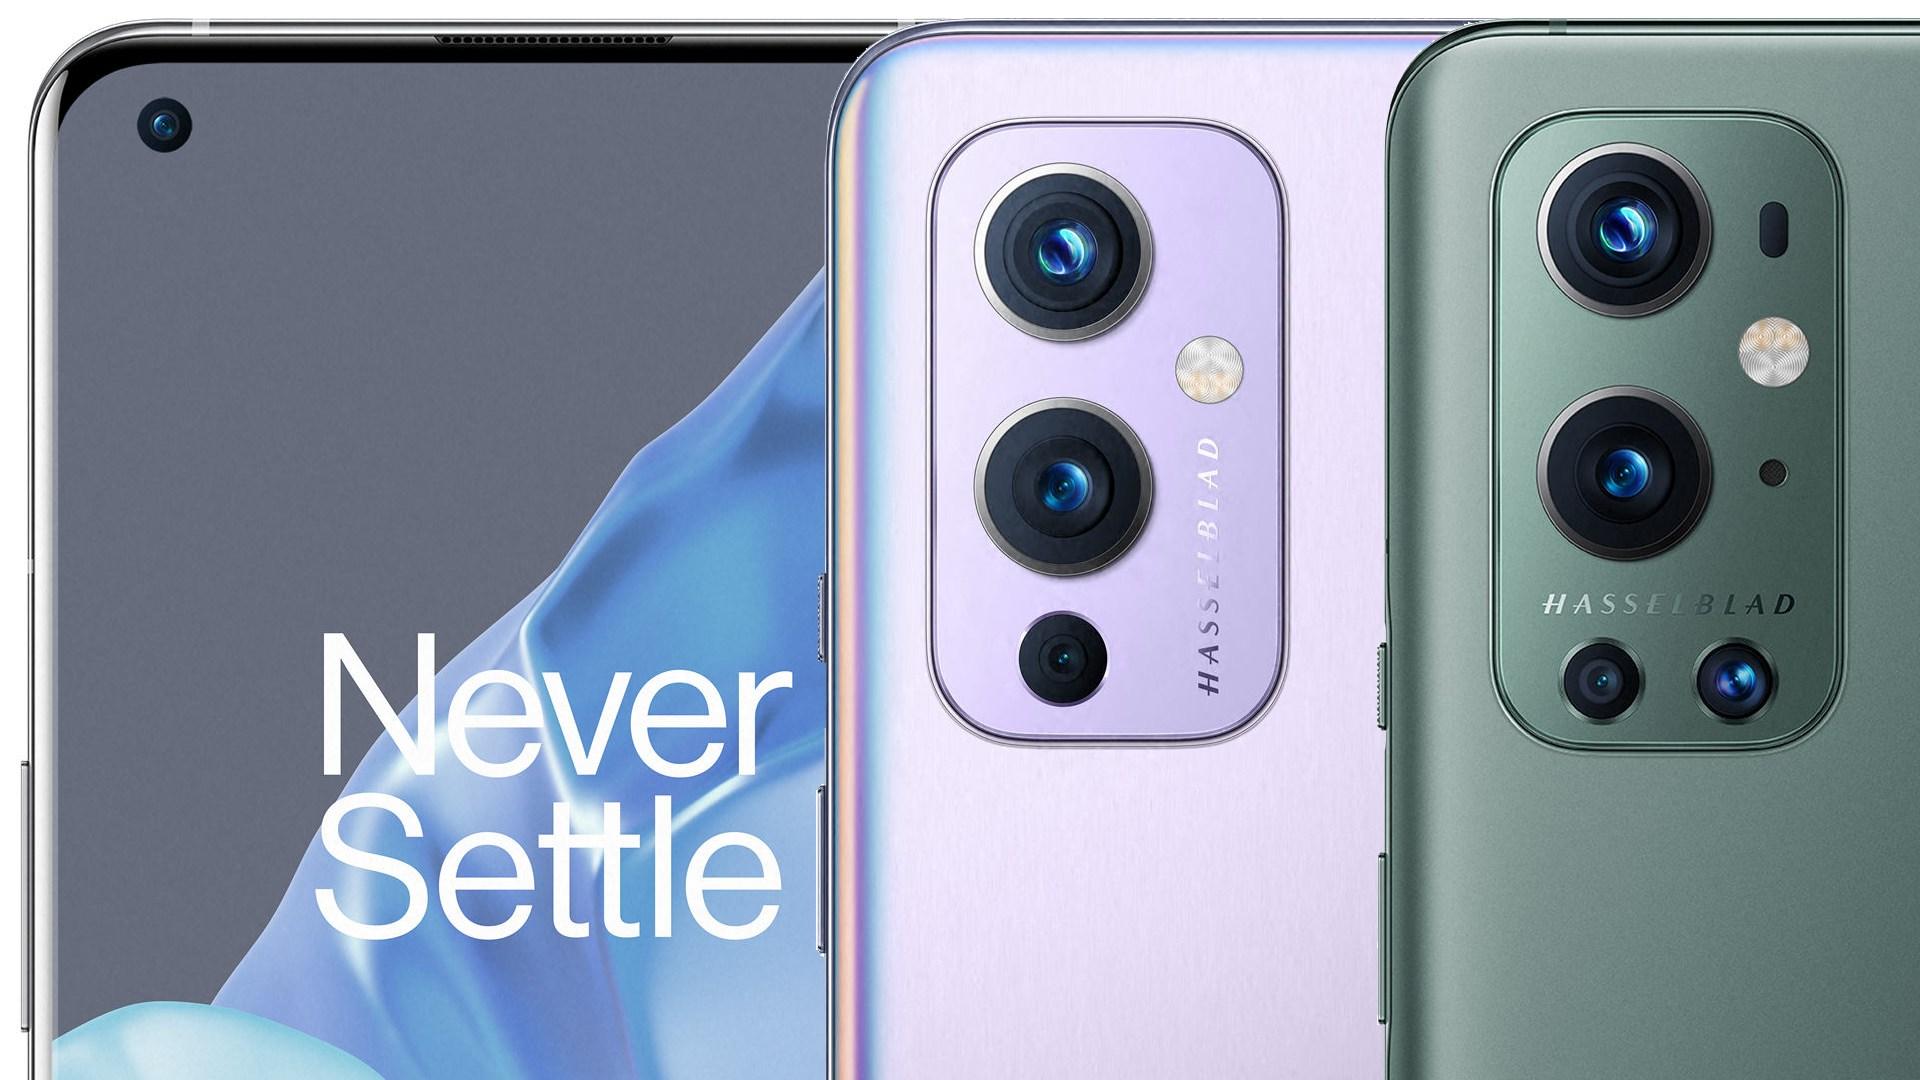 Smartphone, OnePlus, OnePlus 9, OnePlus 9 Pro, OnePlus 9 Pro 5G, OnePlus 9 5G